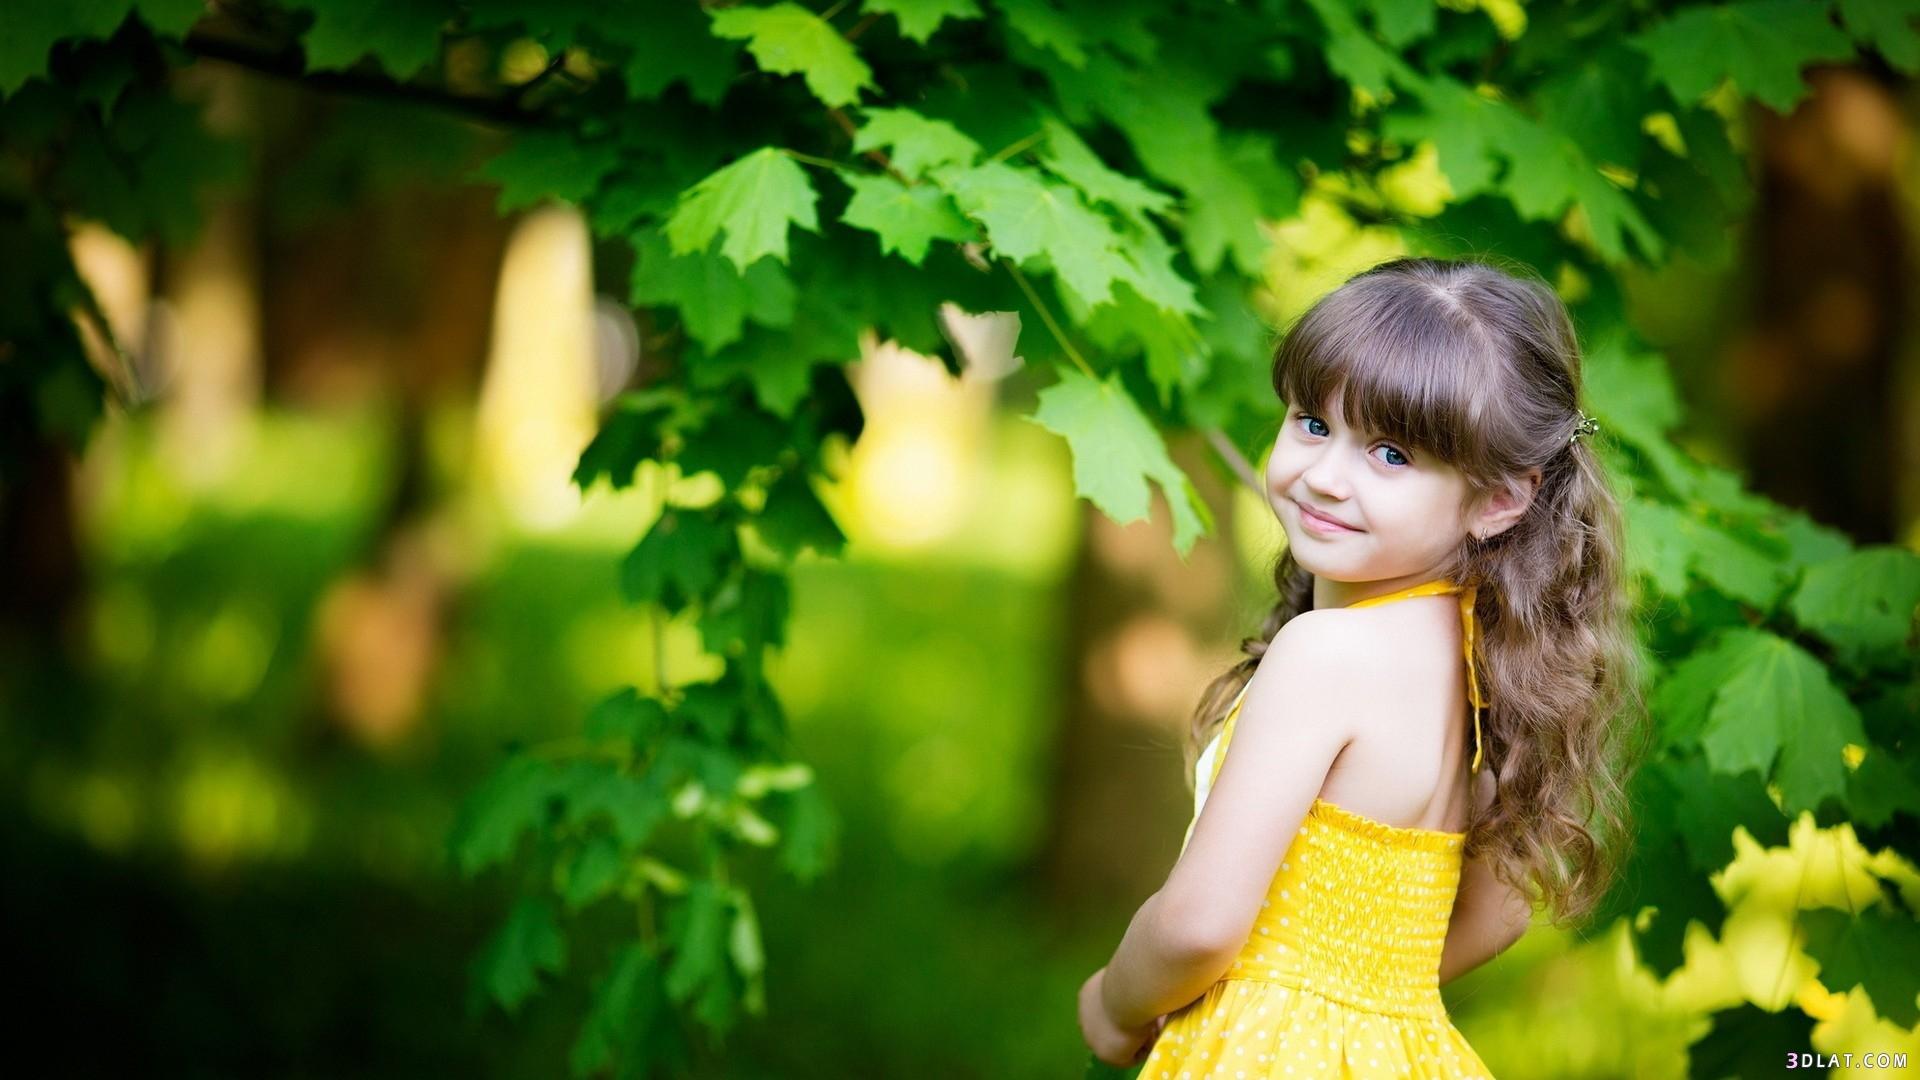 اطفال حلوين 2019 أطفال كيوت 2019 3dlat.com_13_18_9aa7